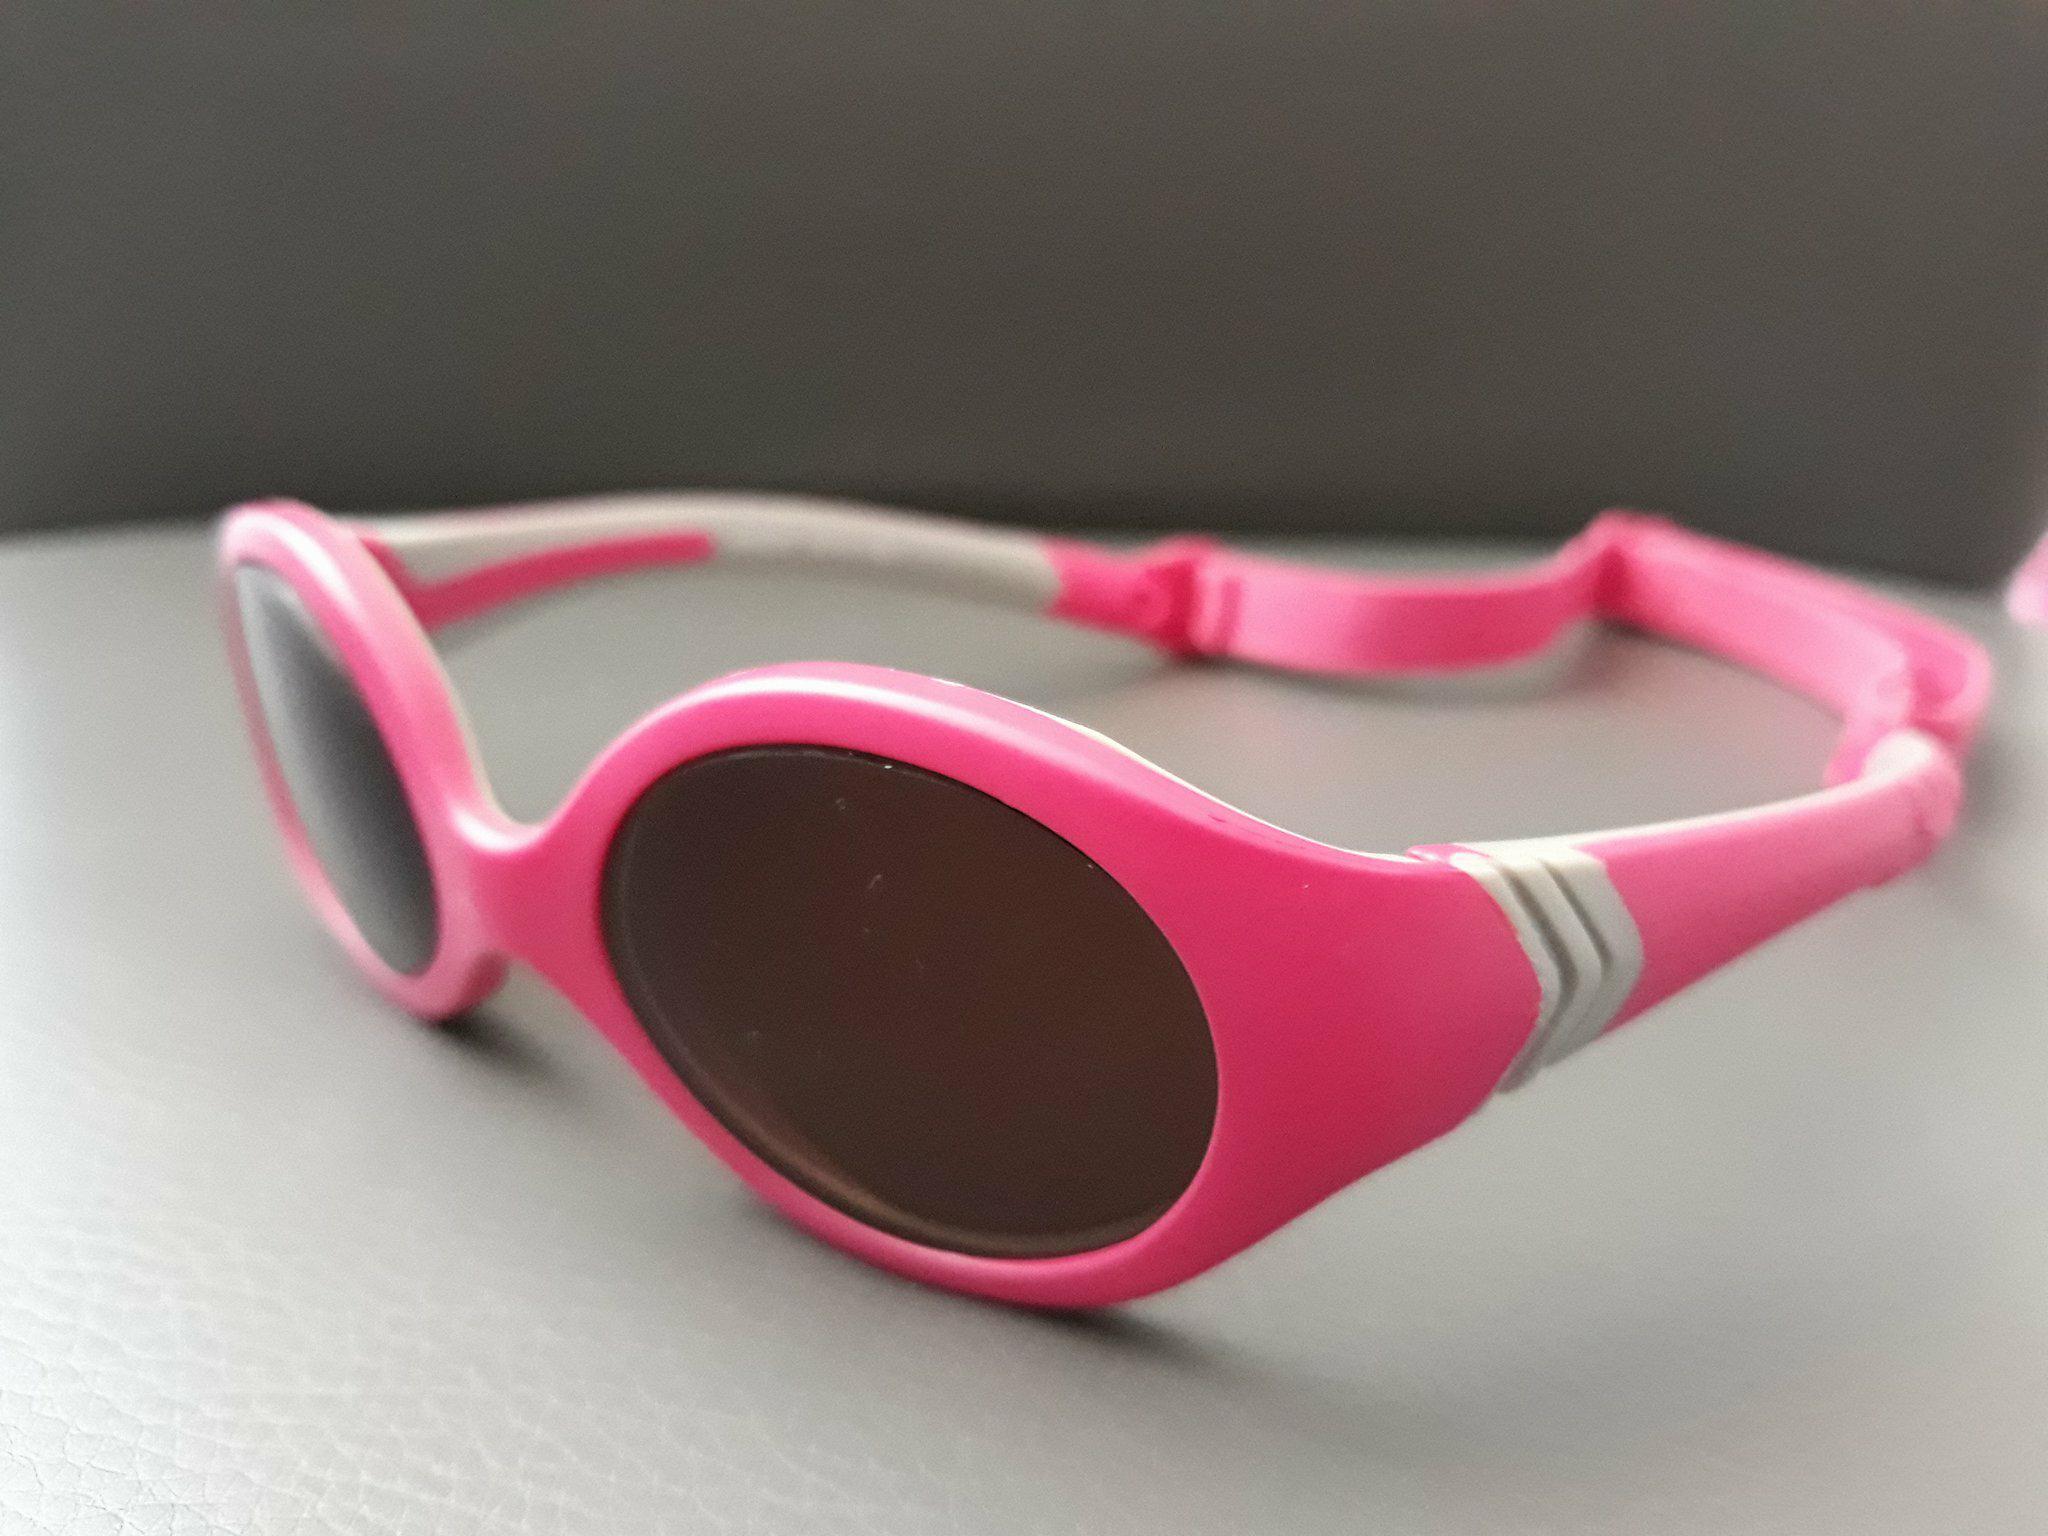 Okulary przeciwsłoneczne dla niemowląt zregulowaną gumką wkolorze różowym.